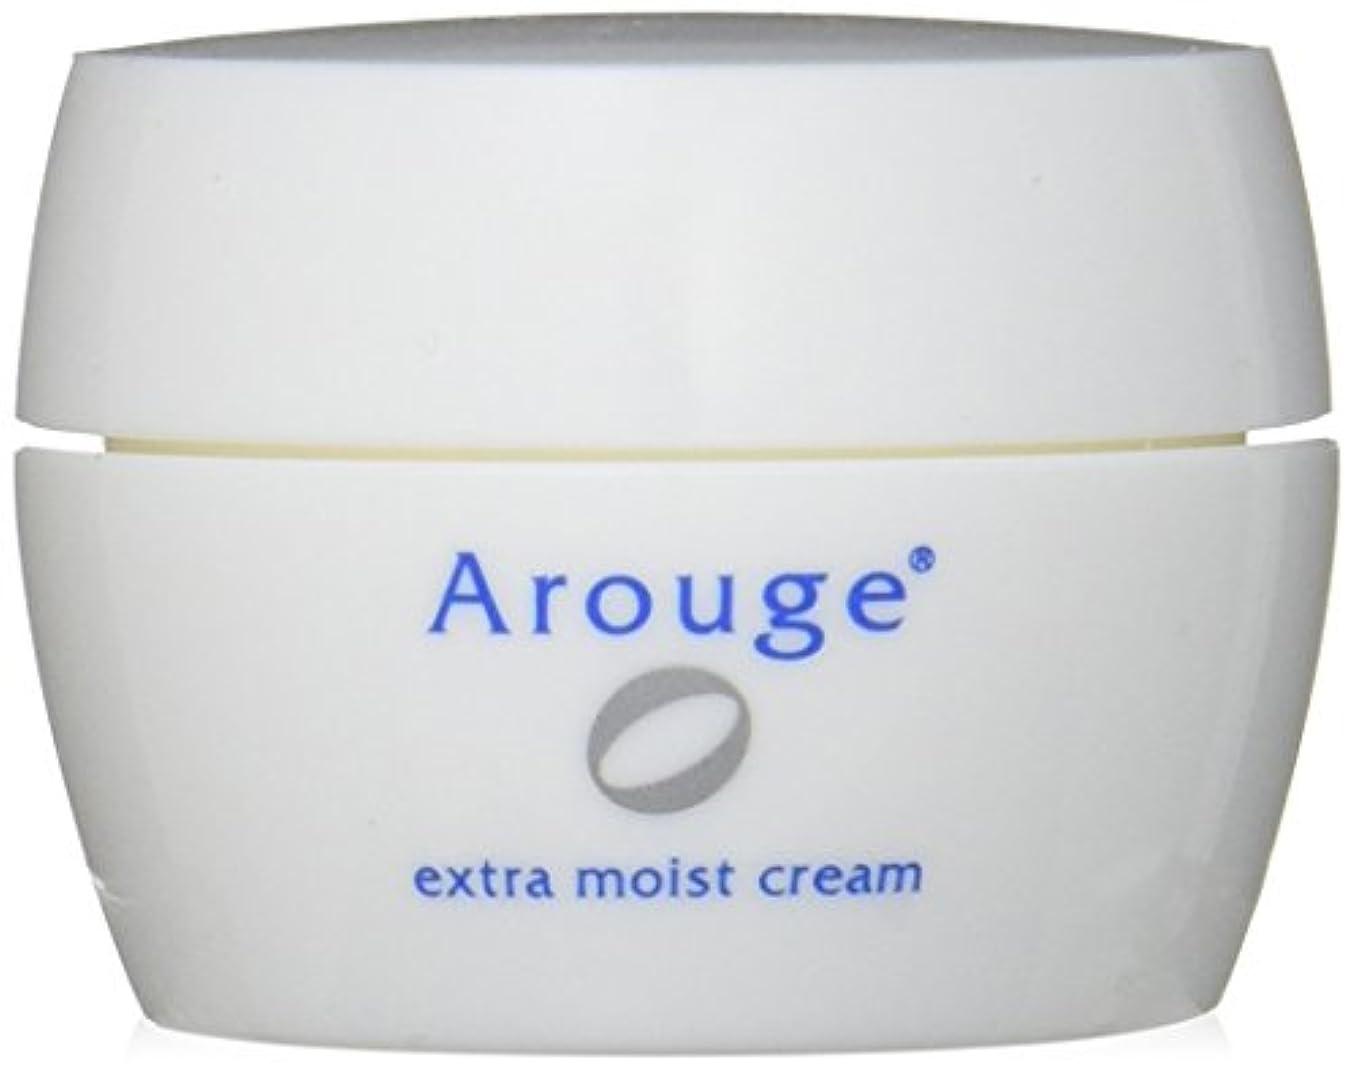 消化高価な大通りアルージェ エクストラモイストクリーム(とてもしっとり) 30g